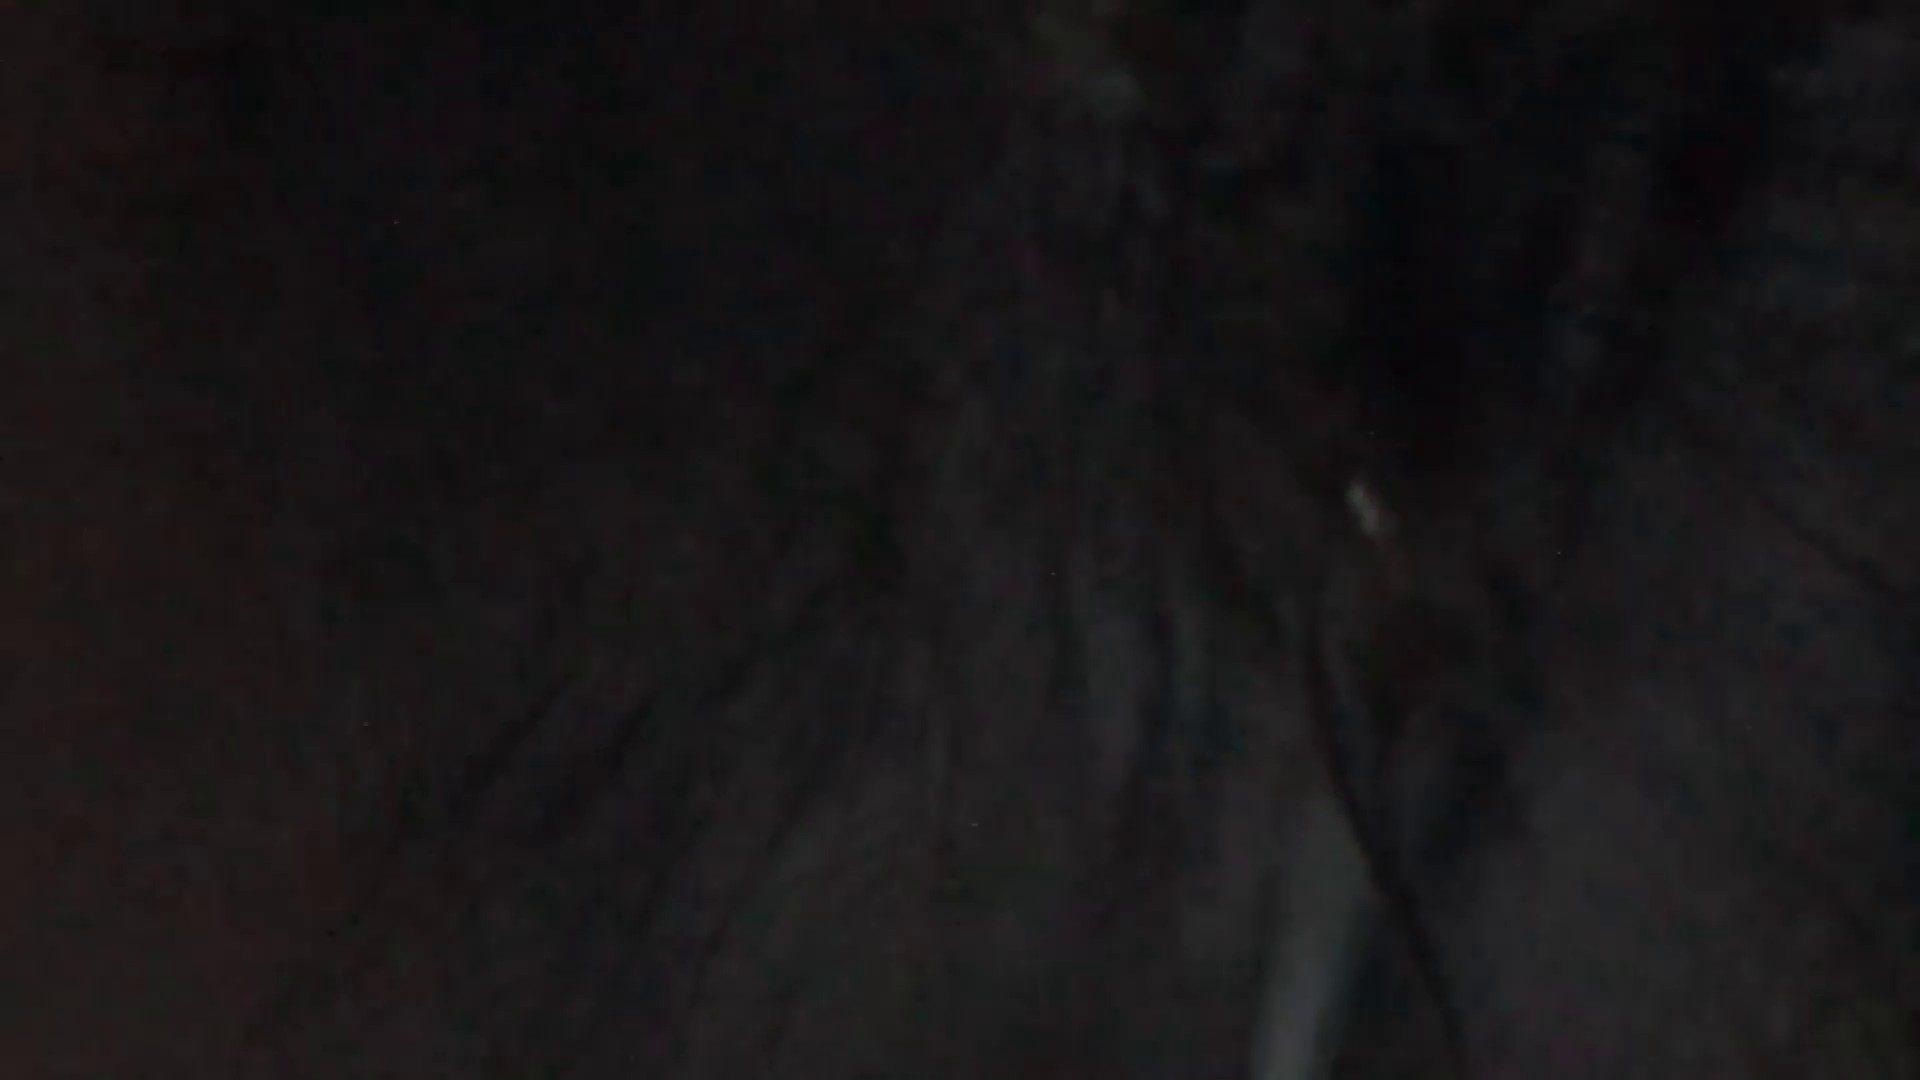 JD盗撮 美女の洗面所の秘密 Vol.20 エッチな盗撮 オマンコ無修正動画無料 94pic 24